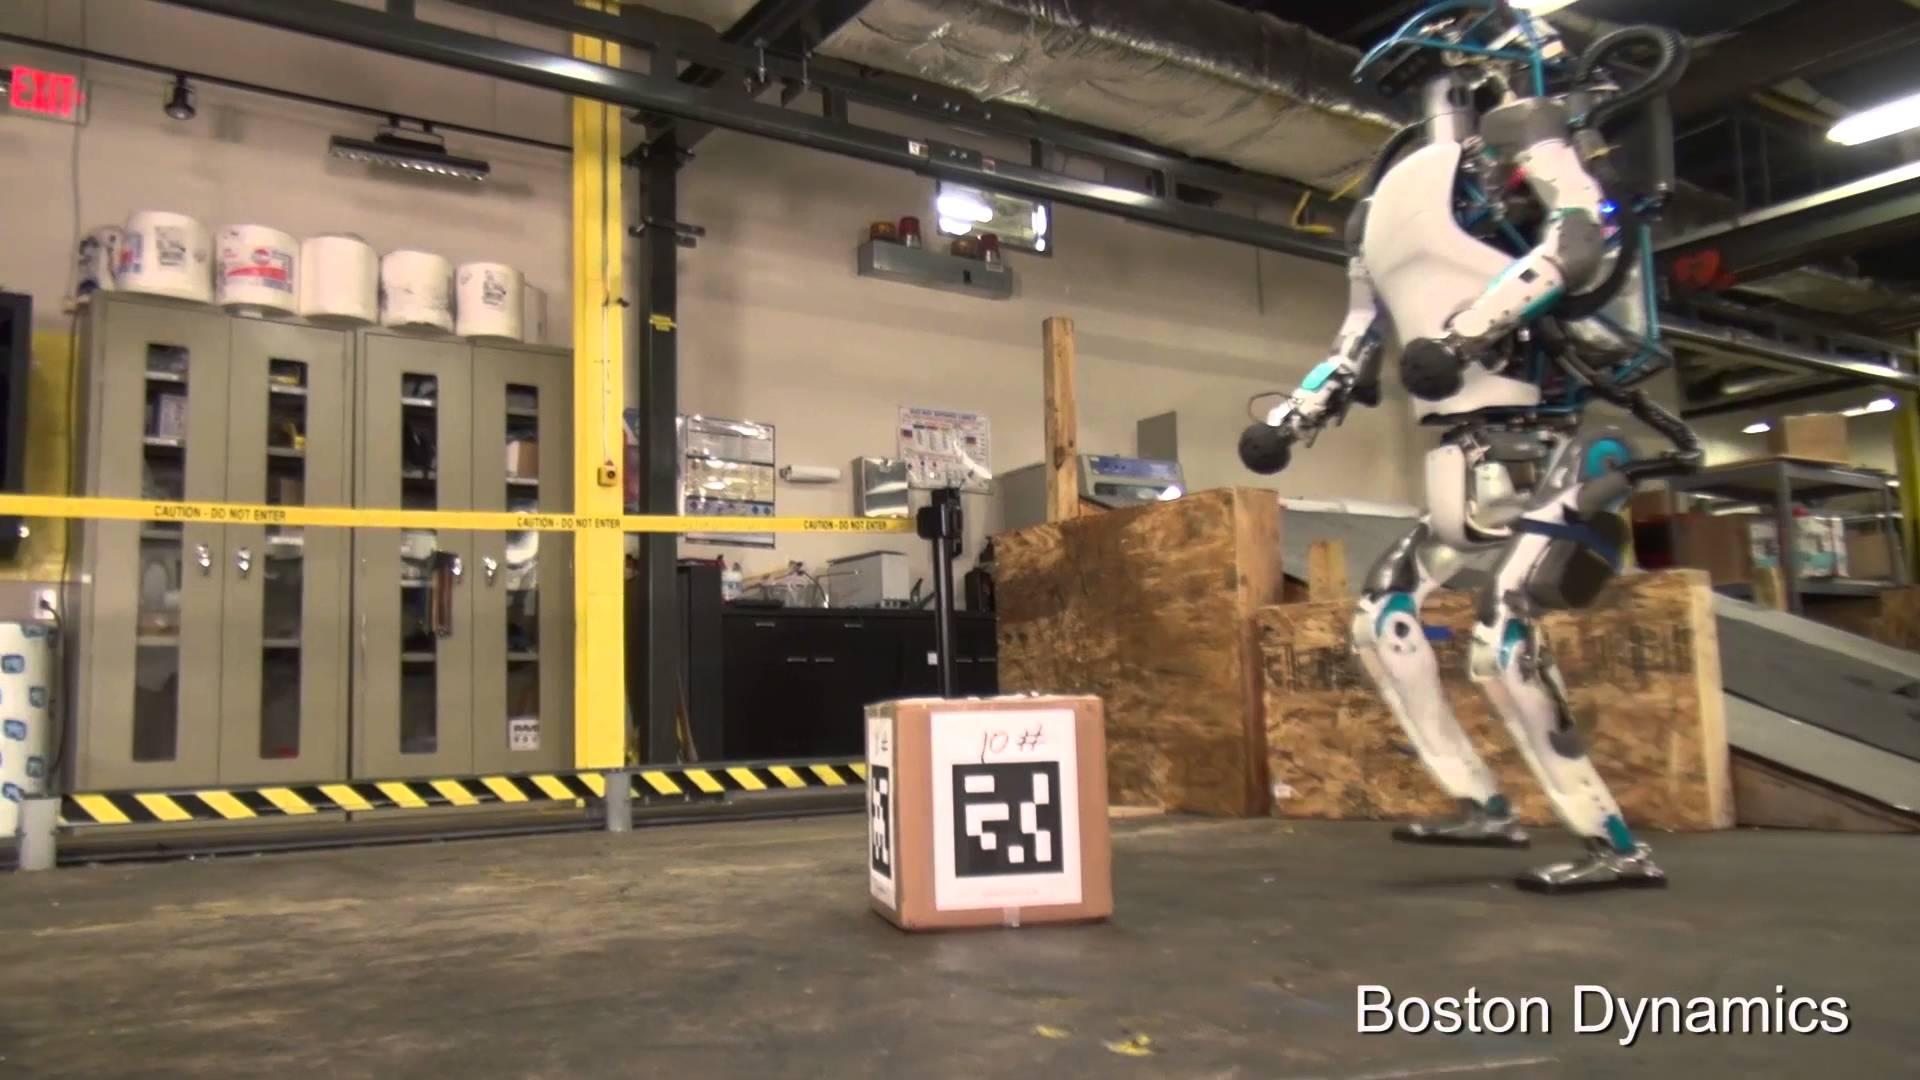 Remarquable ce qu'il fait ce robot, mais imaginer qu'il décide de vous poursuivre!